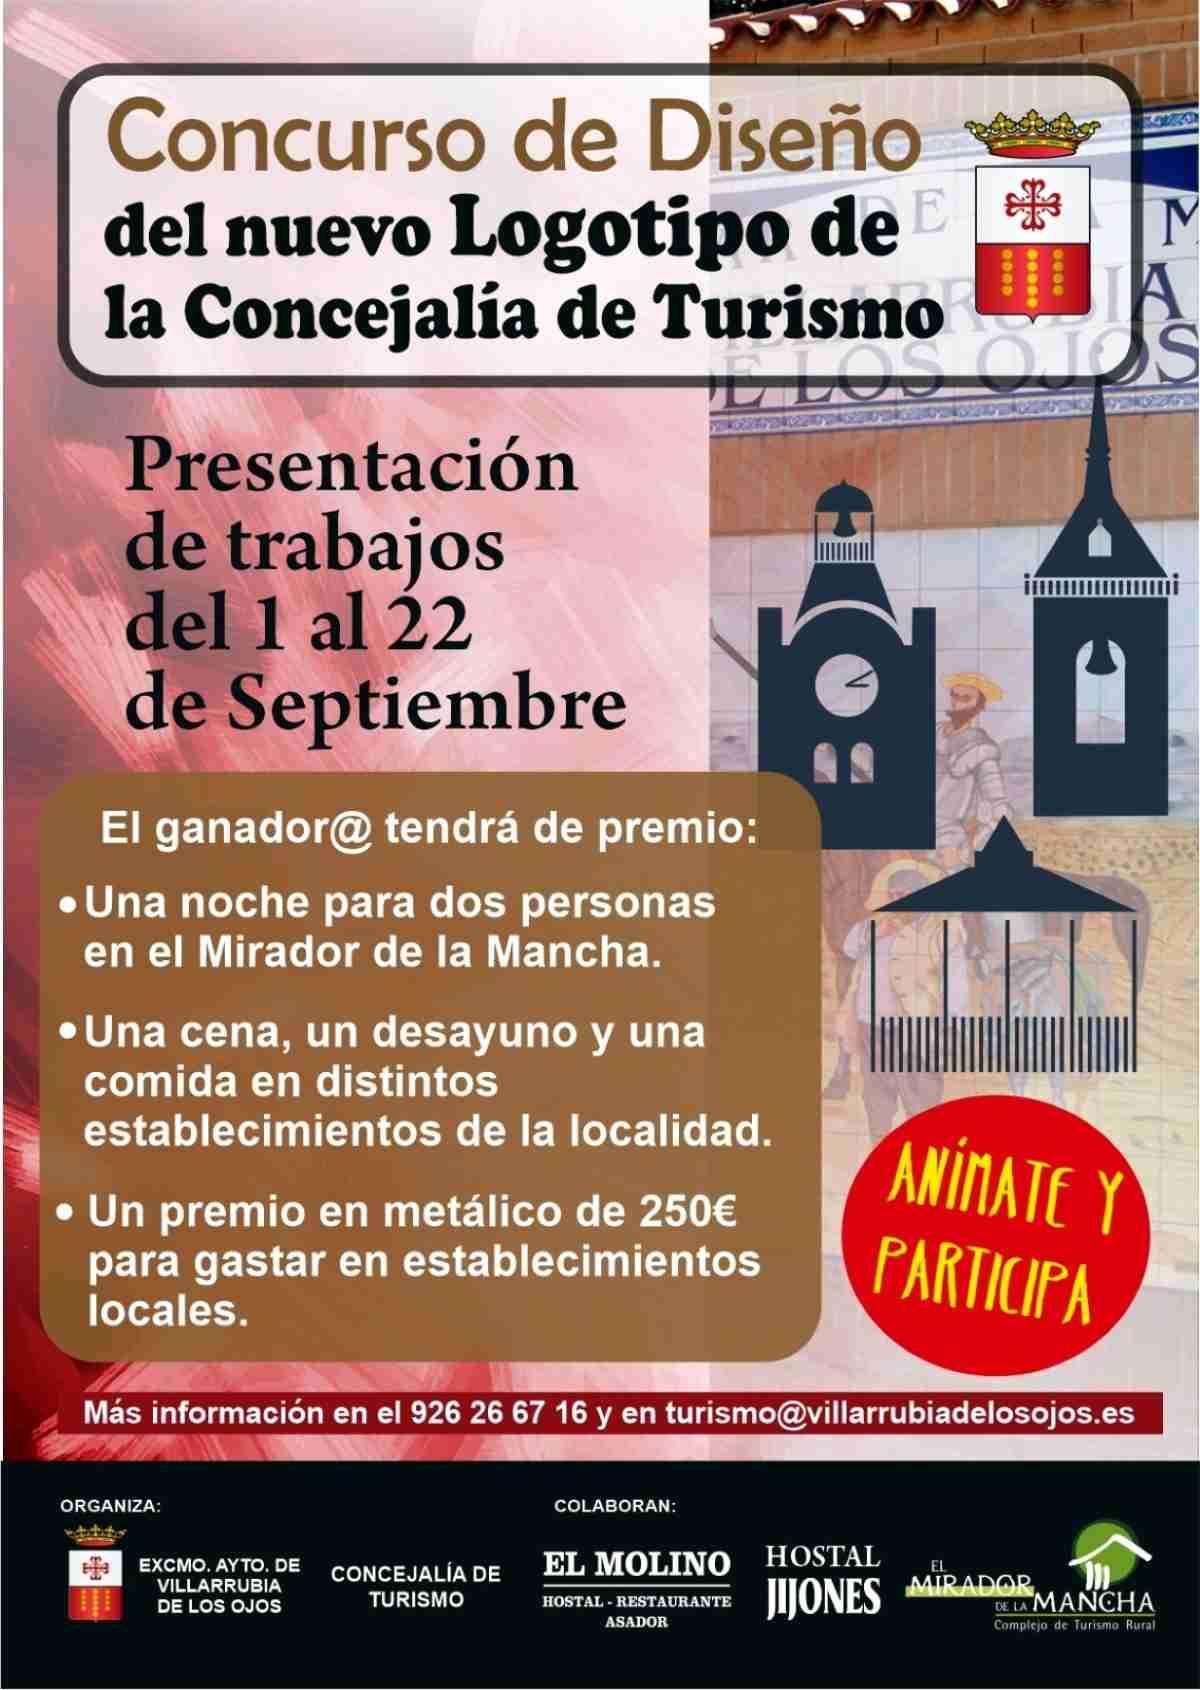 concurso logo turistico villarrubia